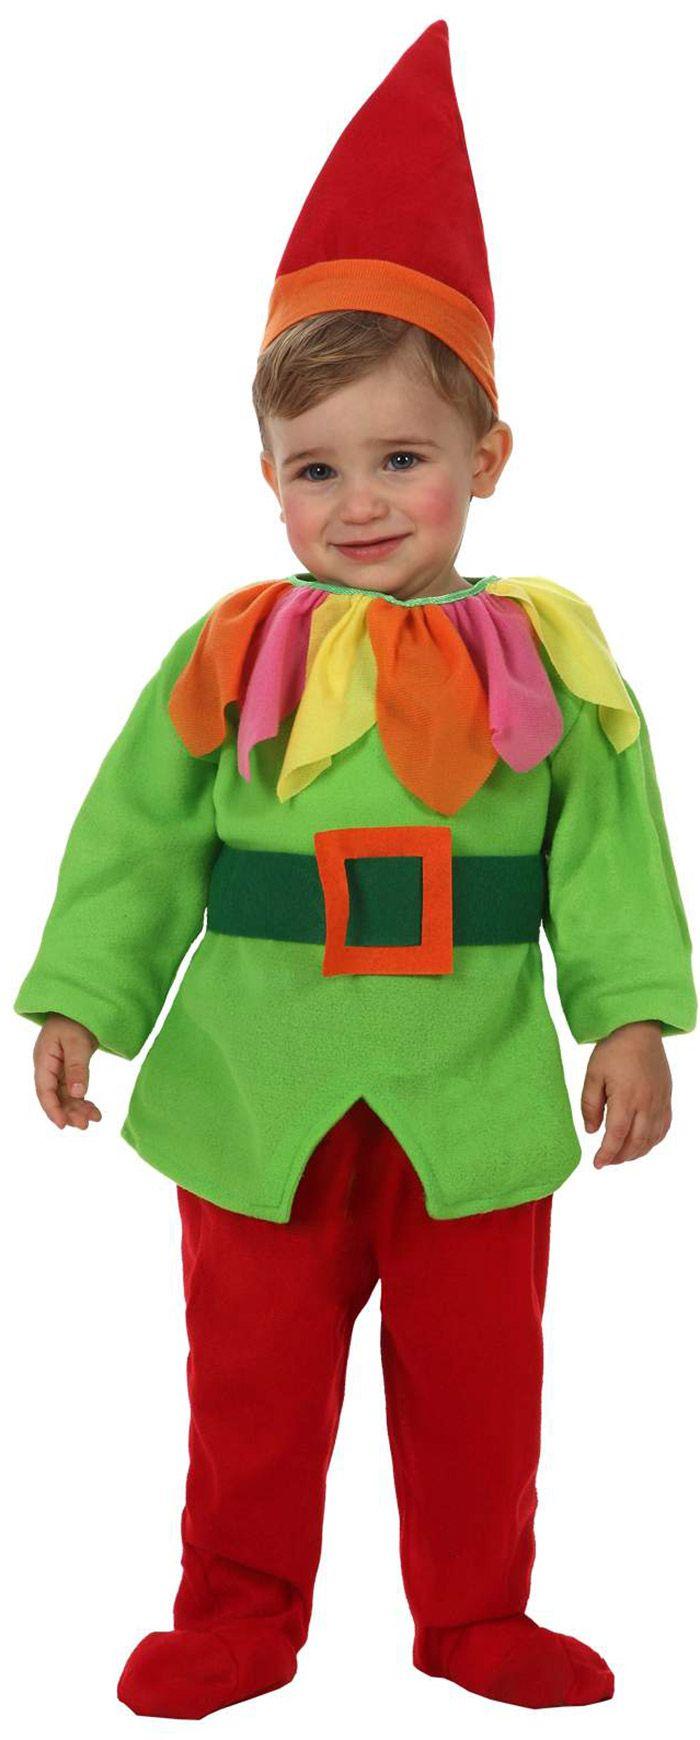 fa80925dd0da Disfarce duende bebé | Natal | Fantasias para crianças, Fantasias de natal  e Fantasia de duende